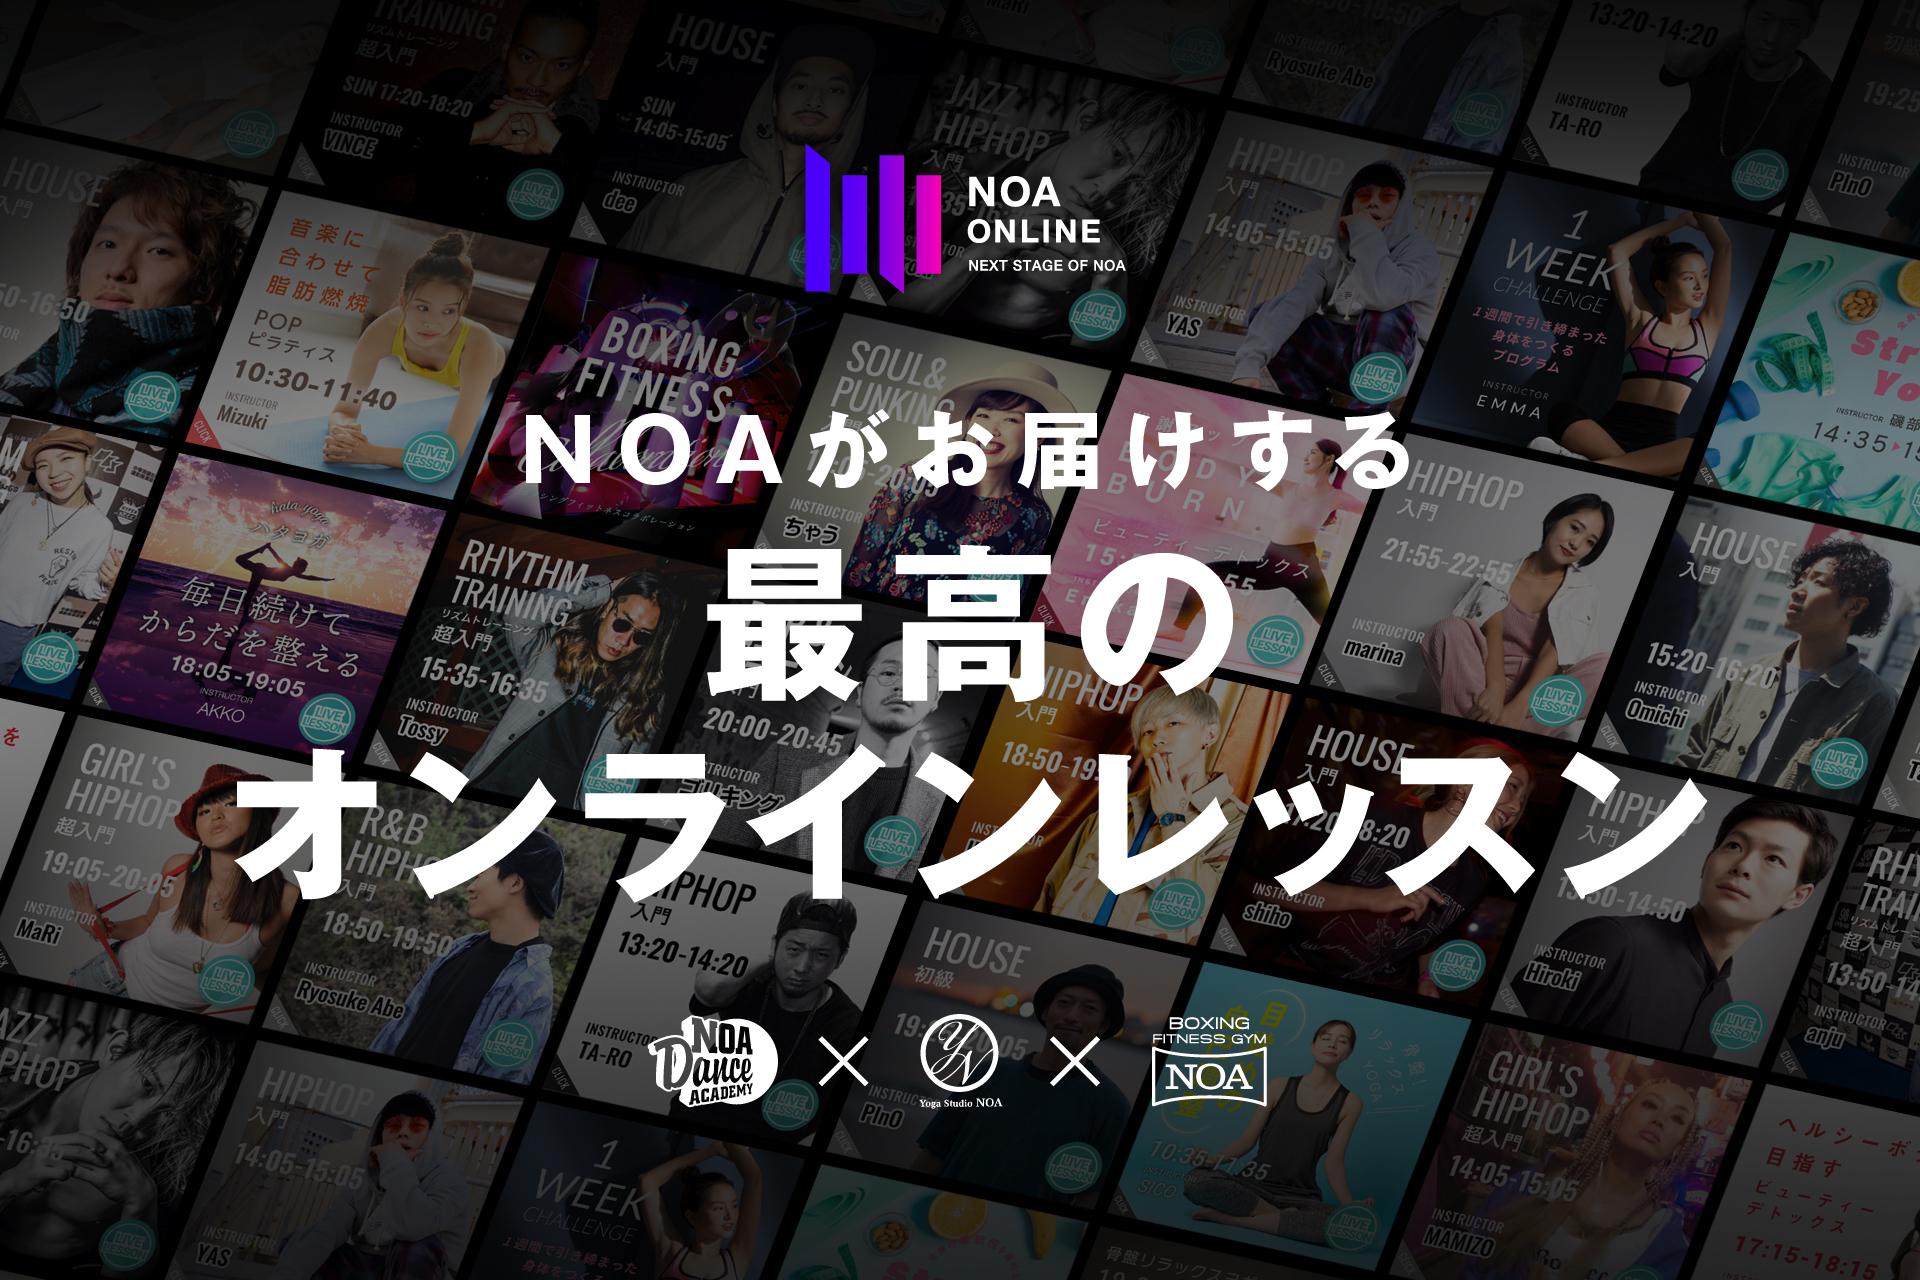 日本最大のダンススクールNOAがお届けするダンスとヨガのオンラインレッスン「NOA ONLINE」スタート!のメイン画像